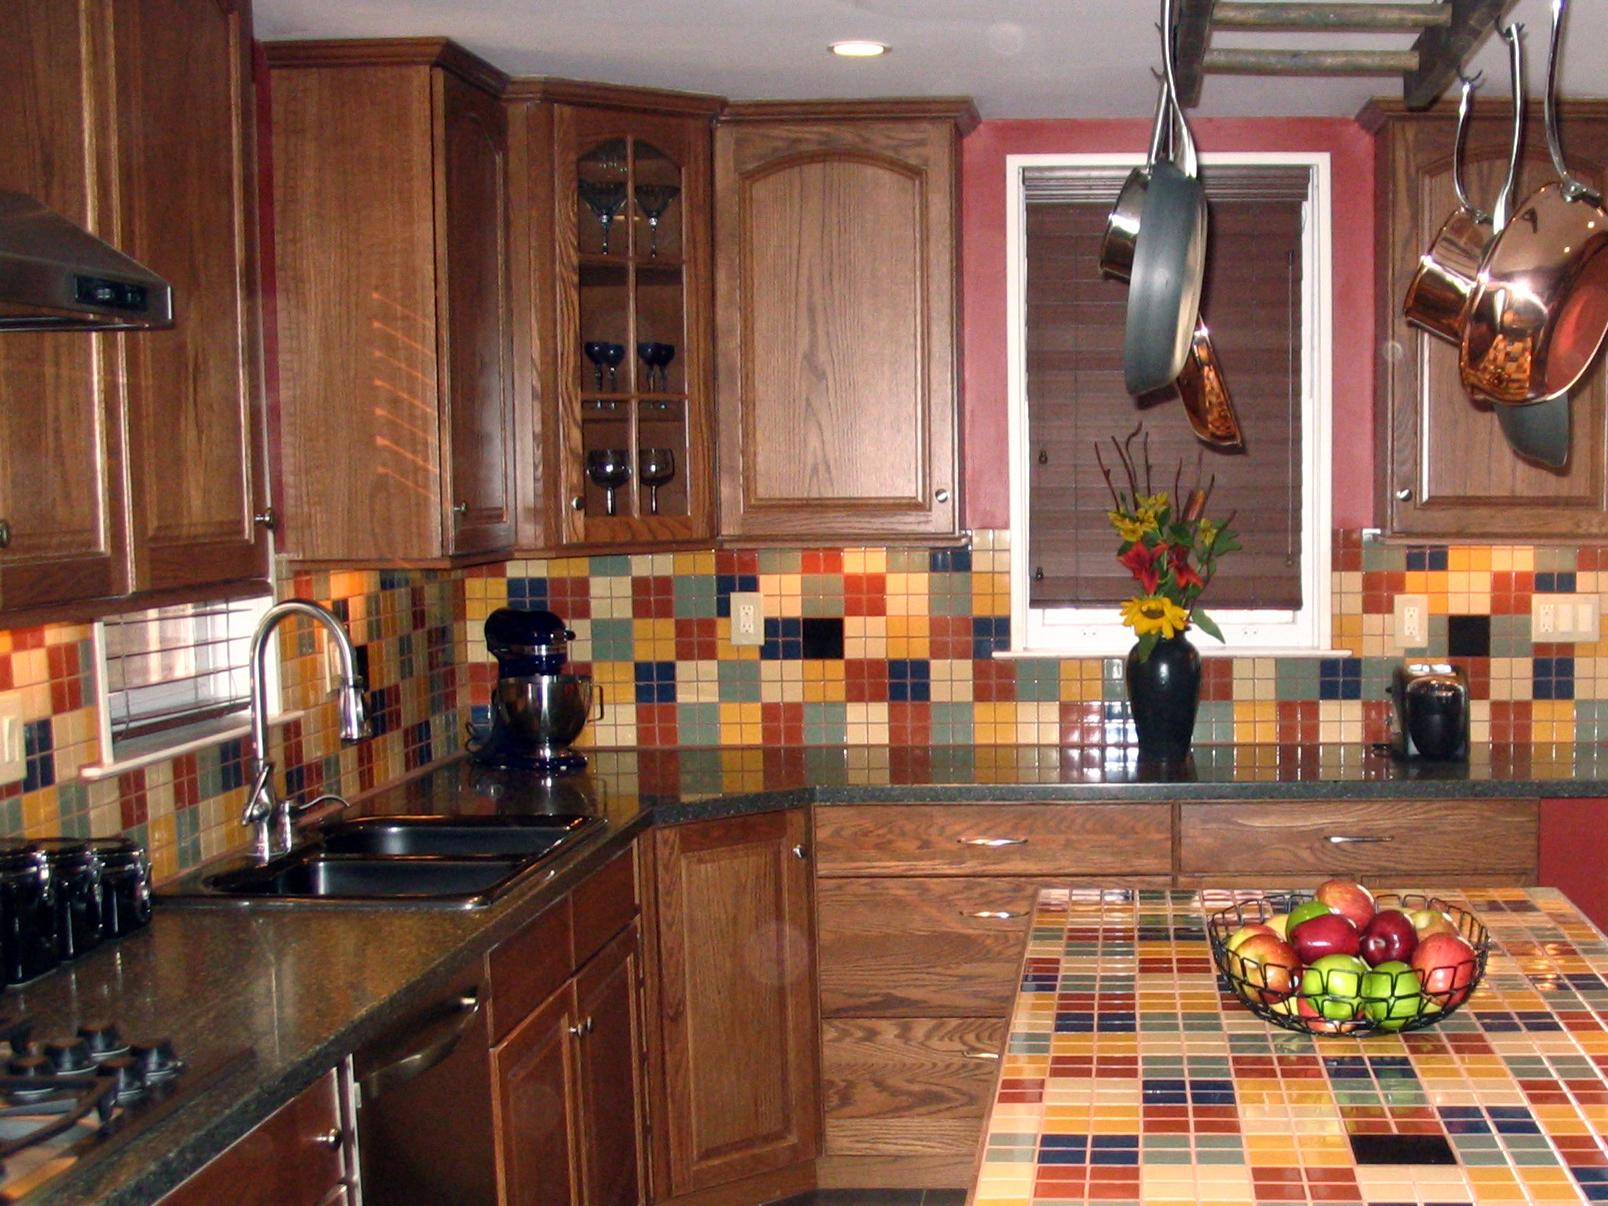 Fantastic 16 Ceiling Tiles Thin 1930 Floor Tiles Rectangular 2 X 2 Ceiling Tile 2 X 8 Glass Subway Tile Youthful 2X4 Ceiling Tiles Fresh2X4 Ceiling Tiles Cheap Ceramic Tile Backsplashes | HGTV